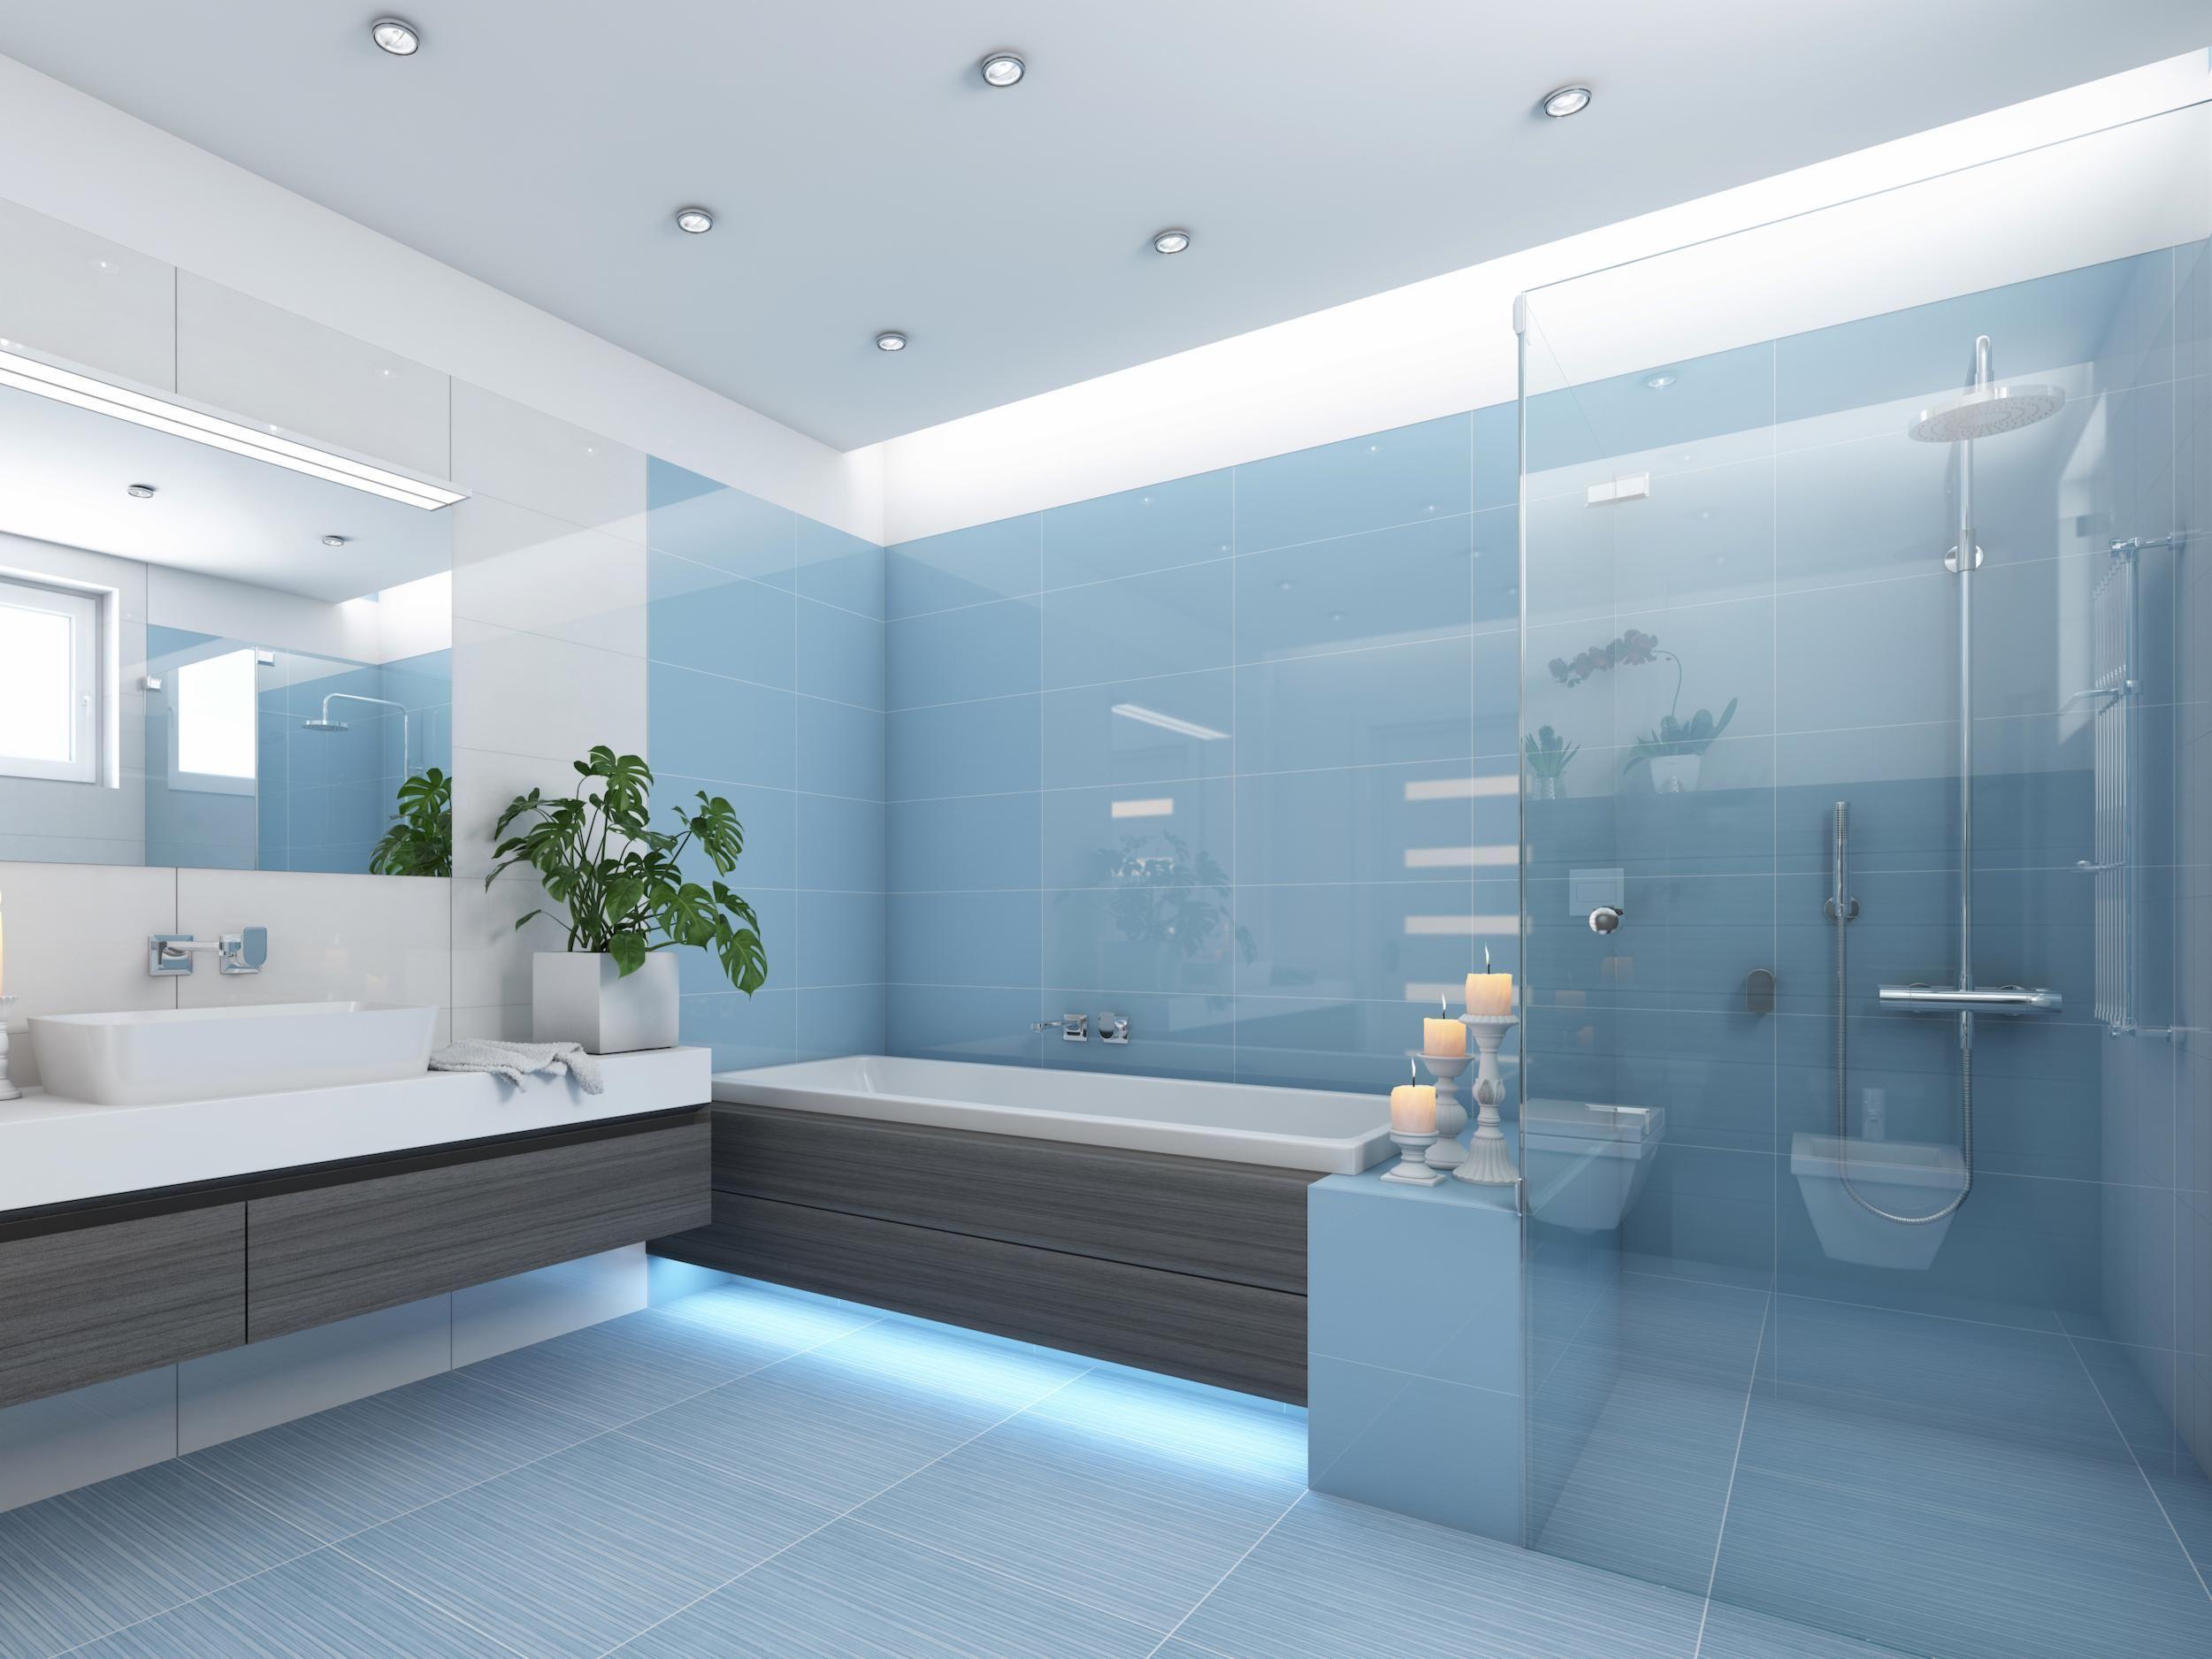 Onze douchedeuren worden gemaakt van 8mm gehard glas en zijn perfect